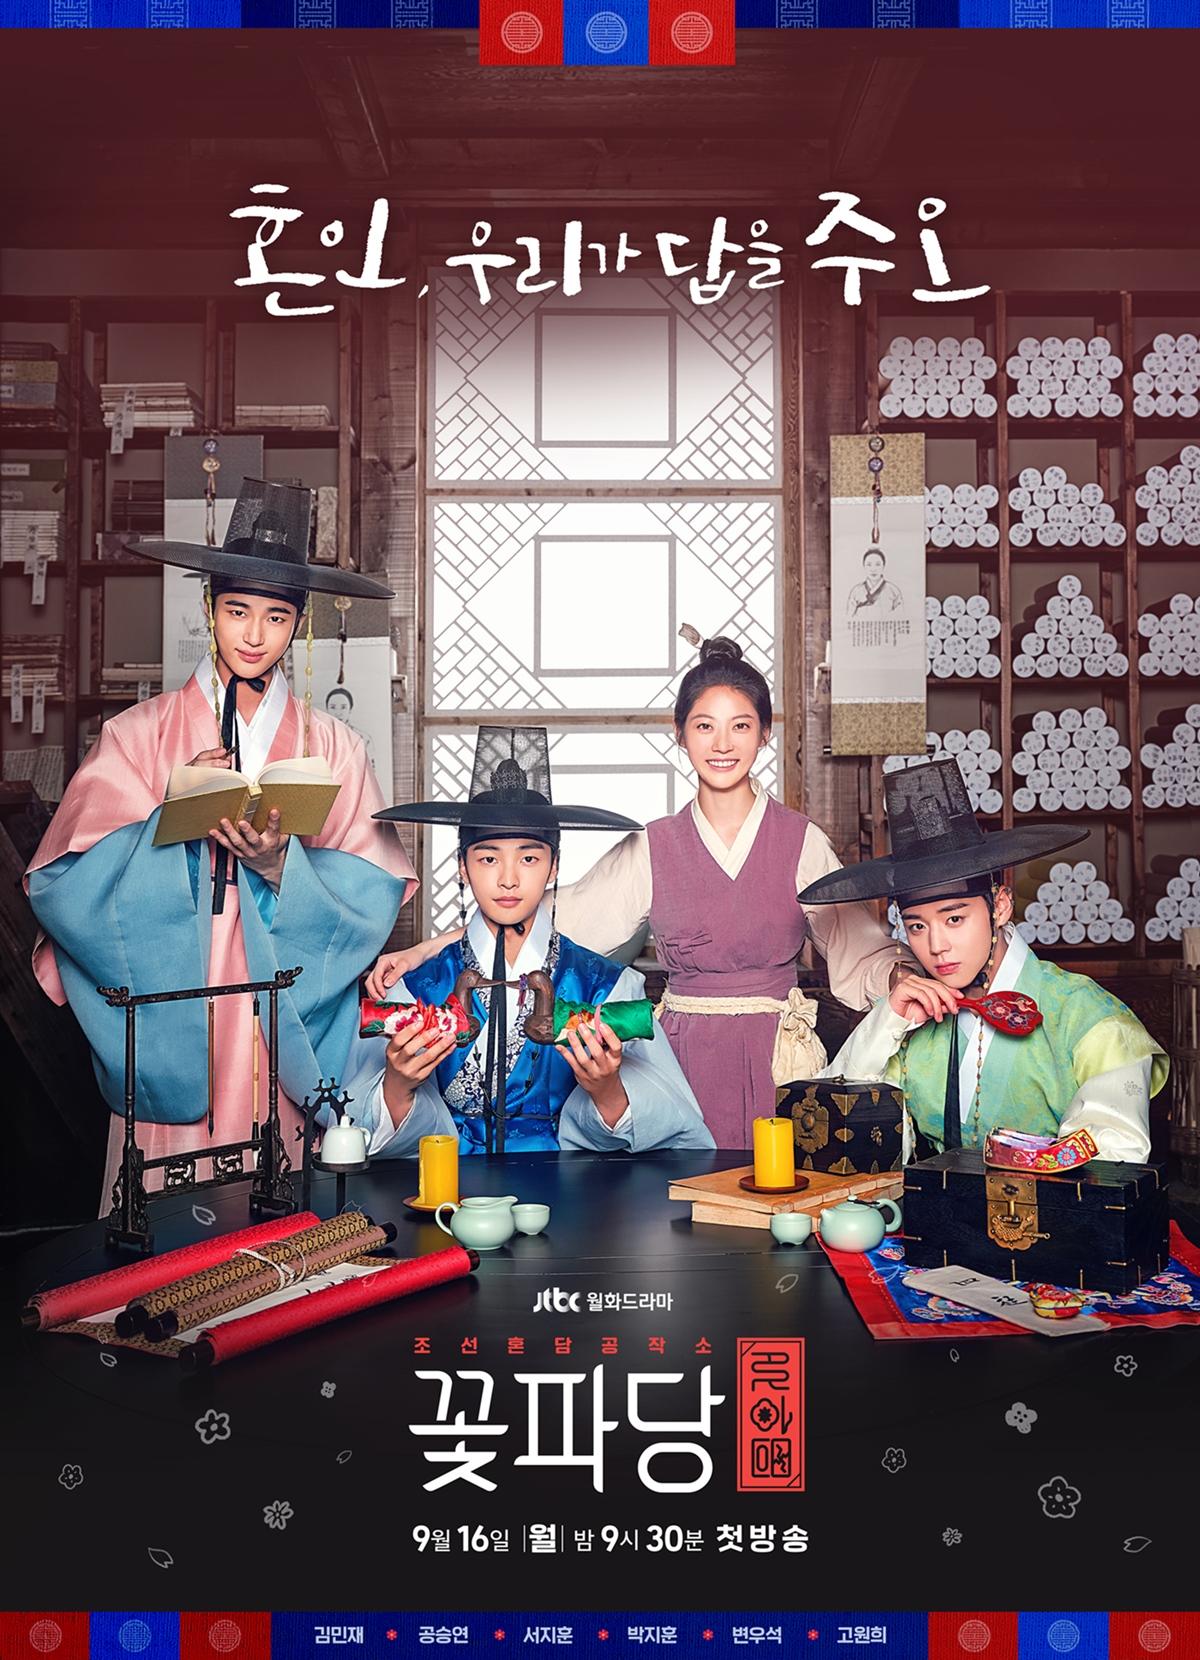 Цветочная команда: Брачное агентство Чосона / Flower Crew: Joseon Matchmaking Maneuver Agency (2019) Южная Корея